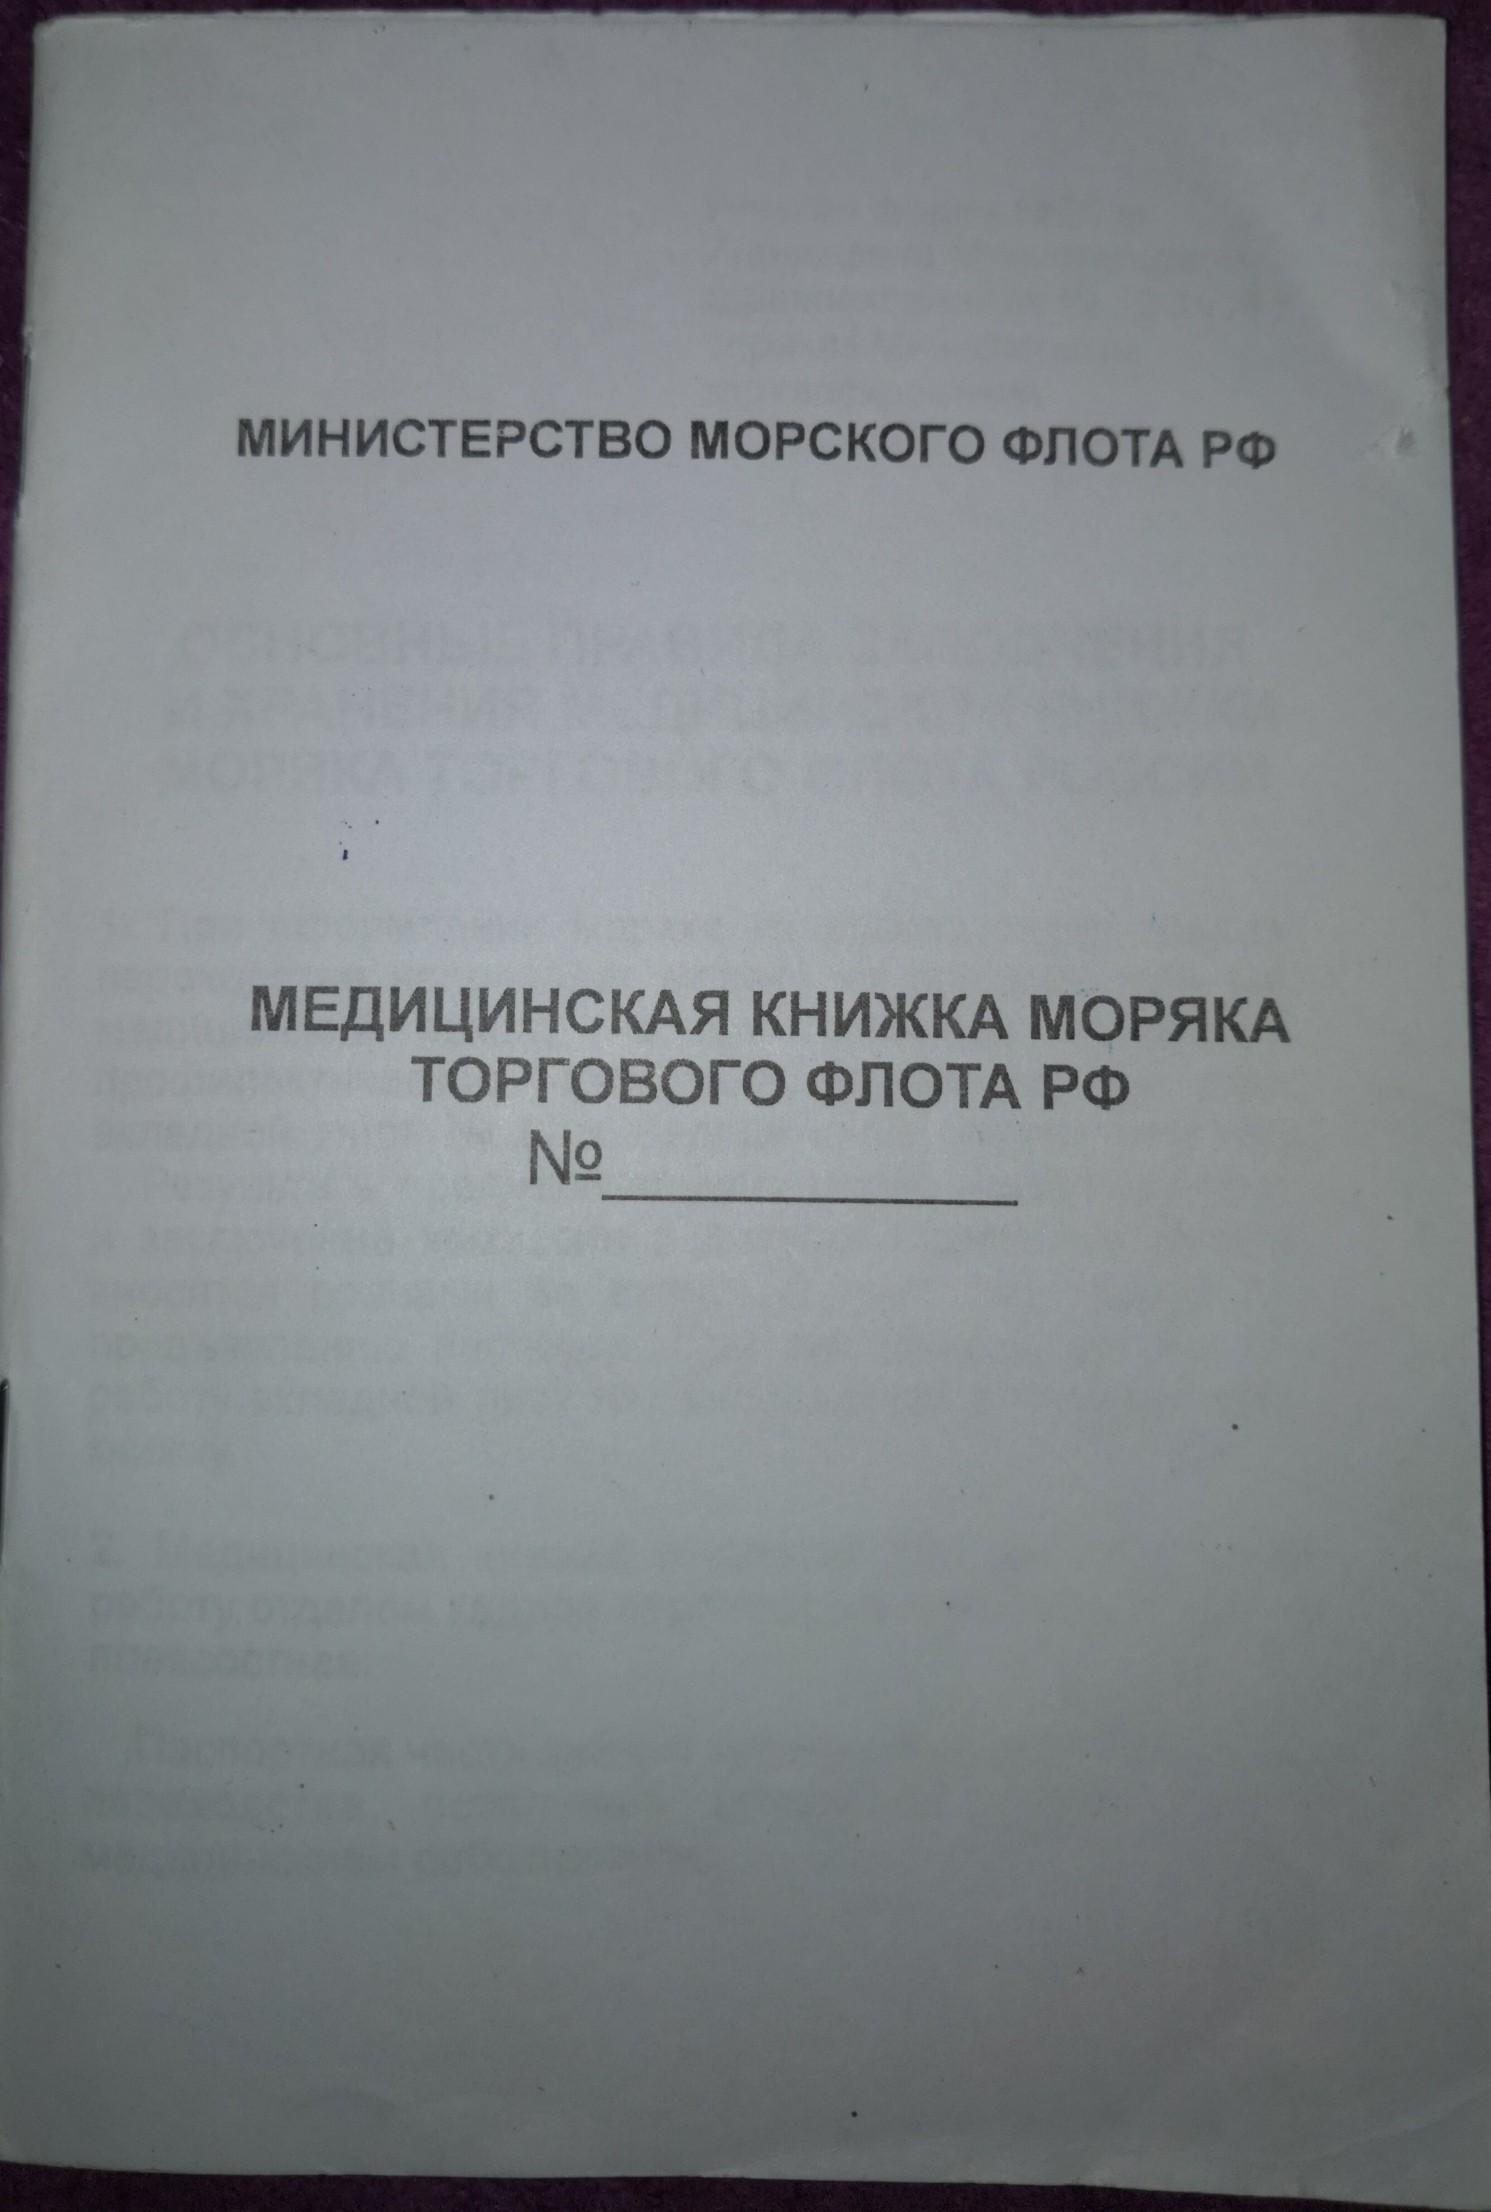 Медосмотр для медицинской книжки пермь патенты для работы в москве